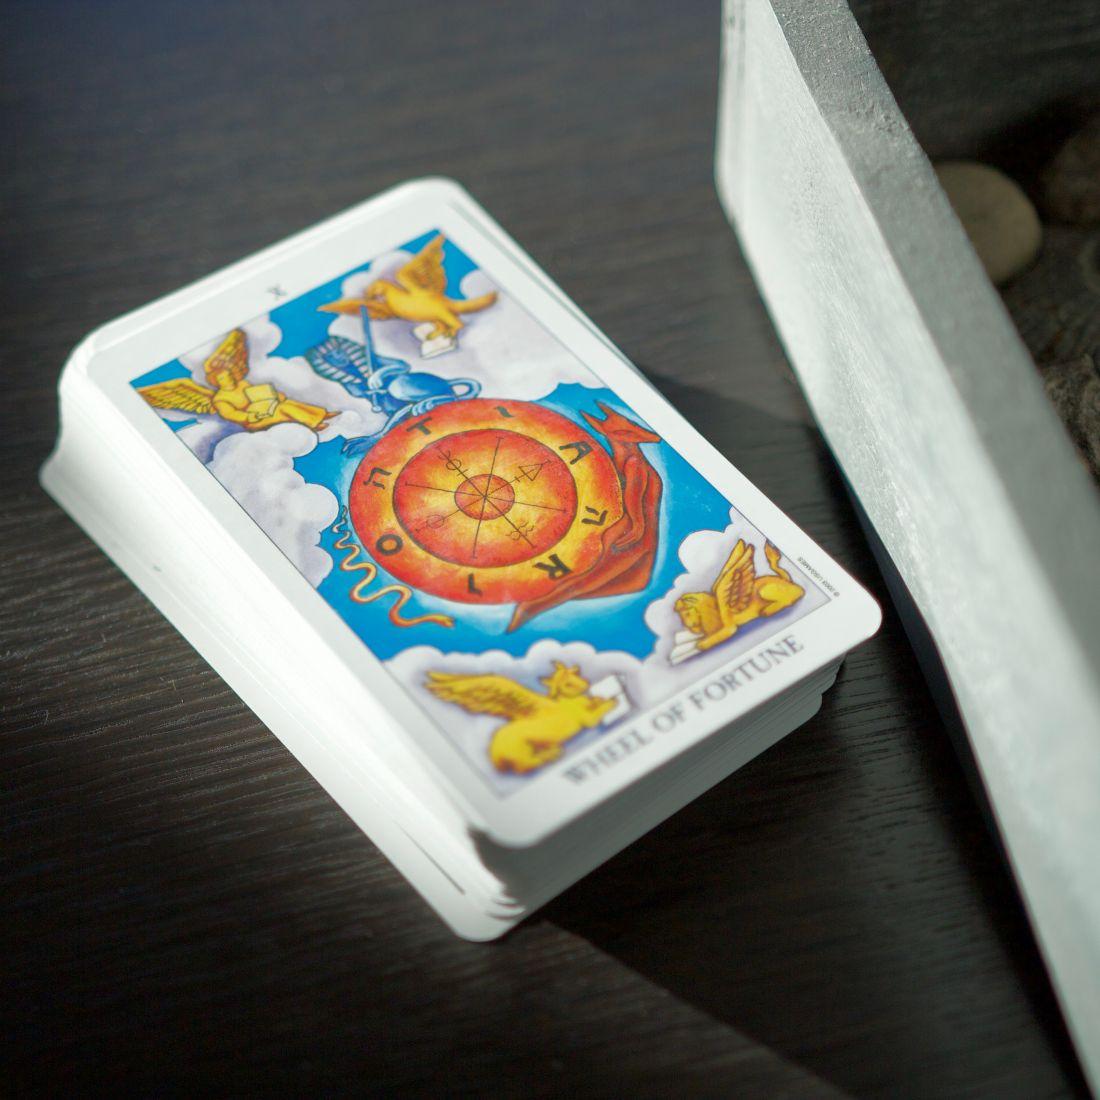 Heeft de Tarot magische krachten?